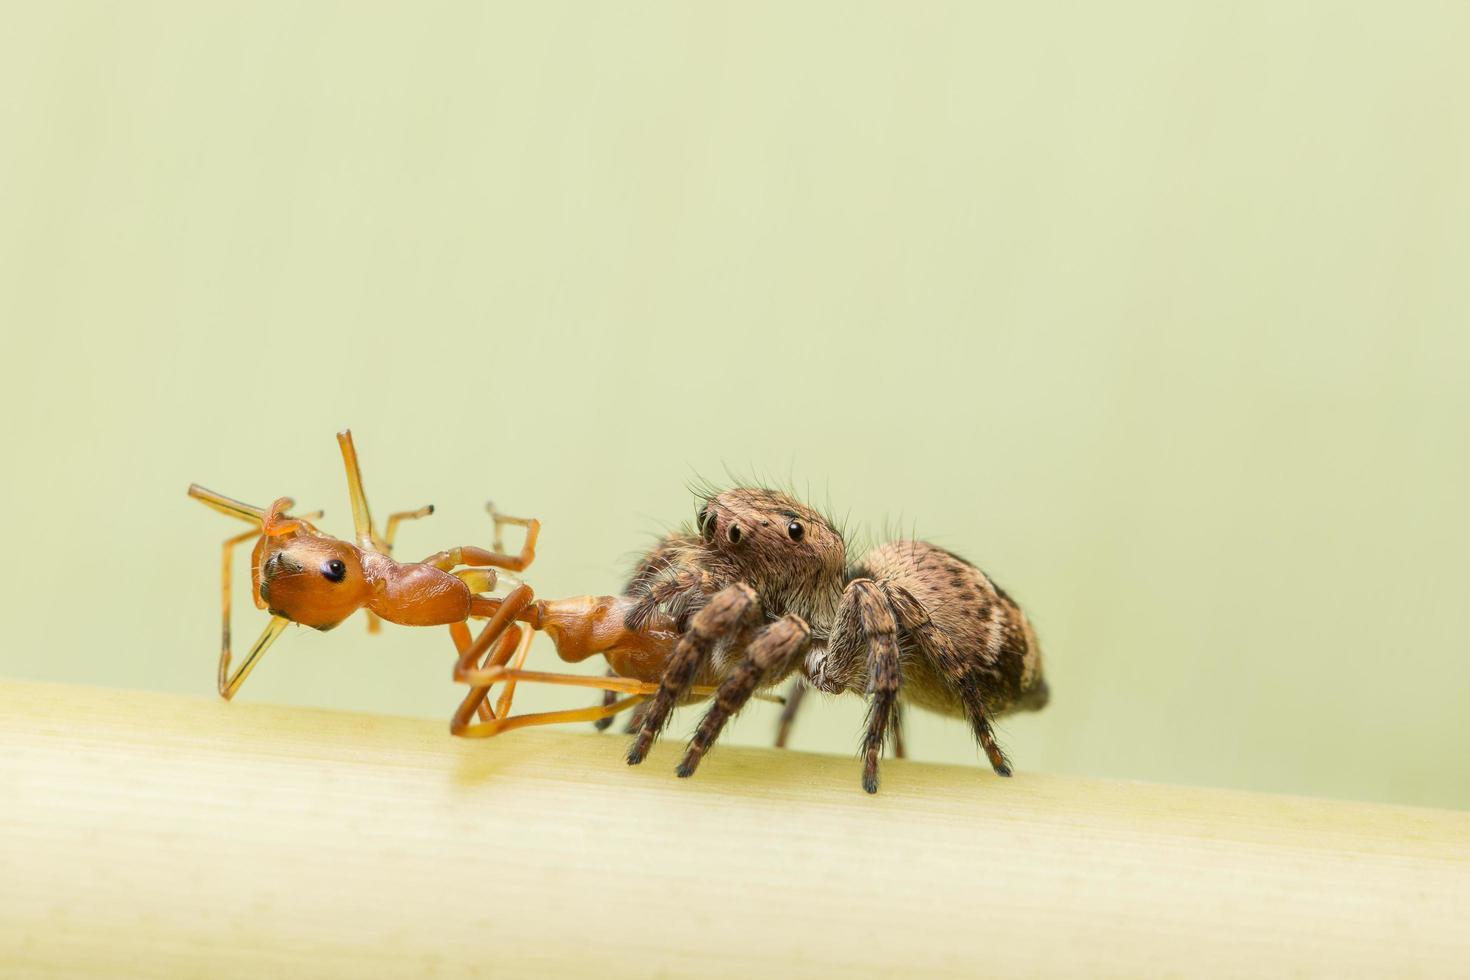 Spinne frisst Ameise foto